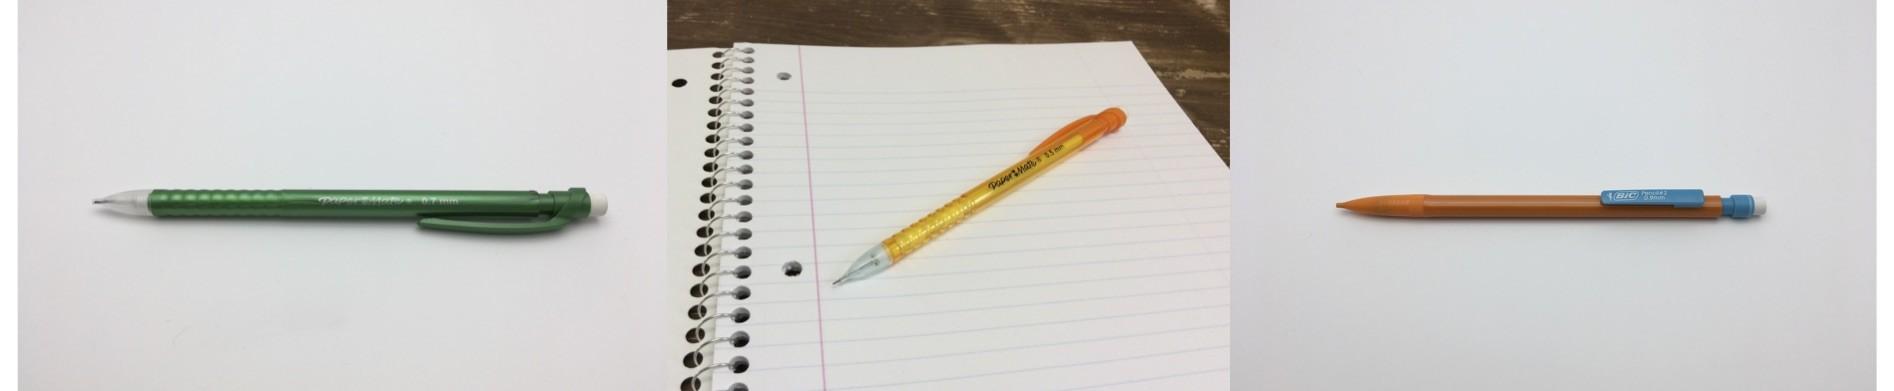 チープでカラフルで最高にイカしたin my Deskのシャープペン!2本以上が超お得になりました!